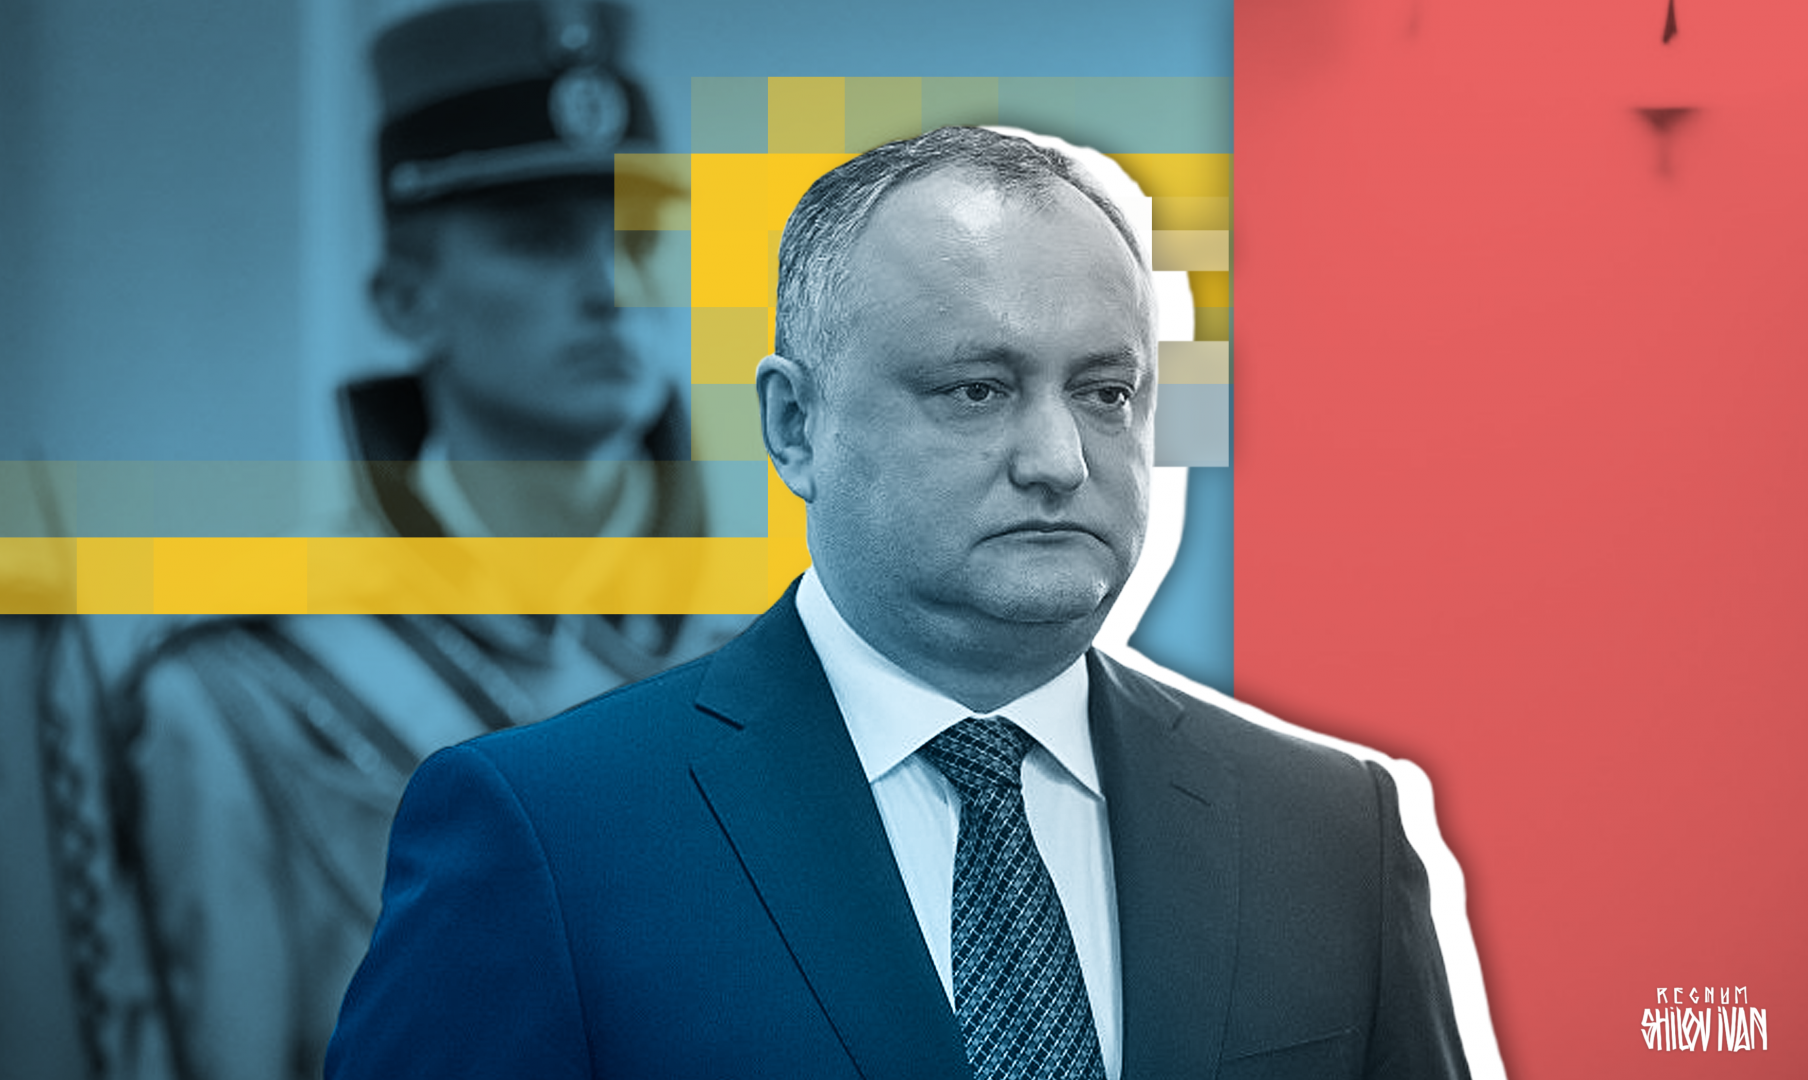 Спектакль: Партия Додона снова зовет молдавскую оппозицию на переговоры